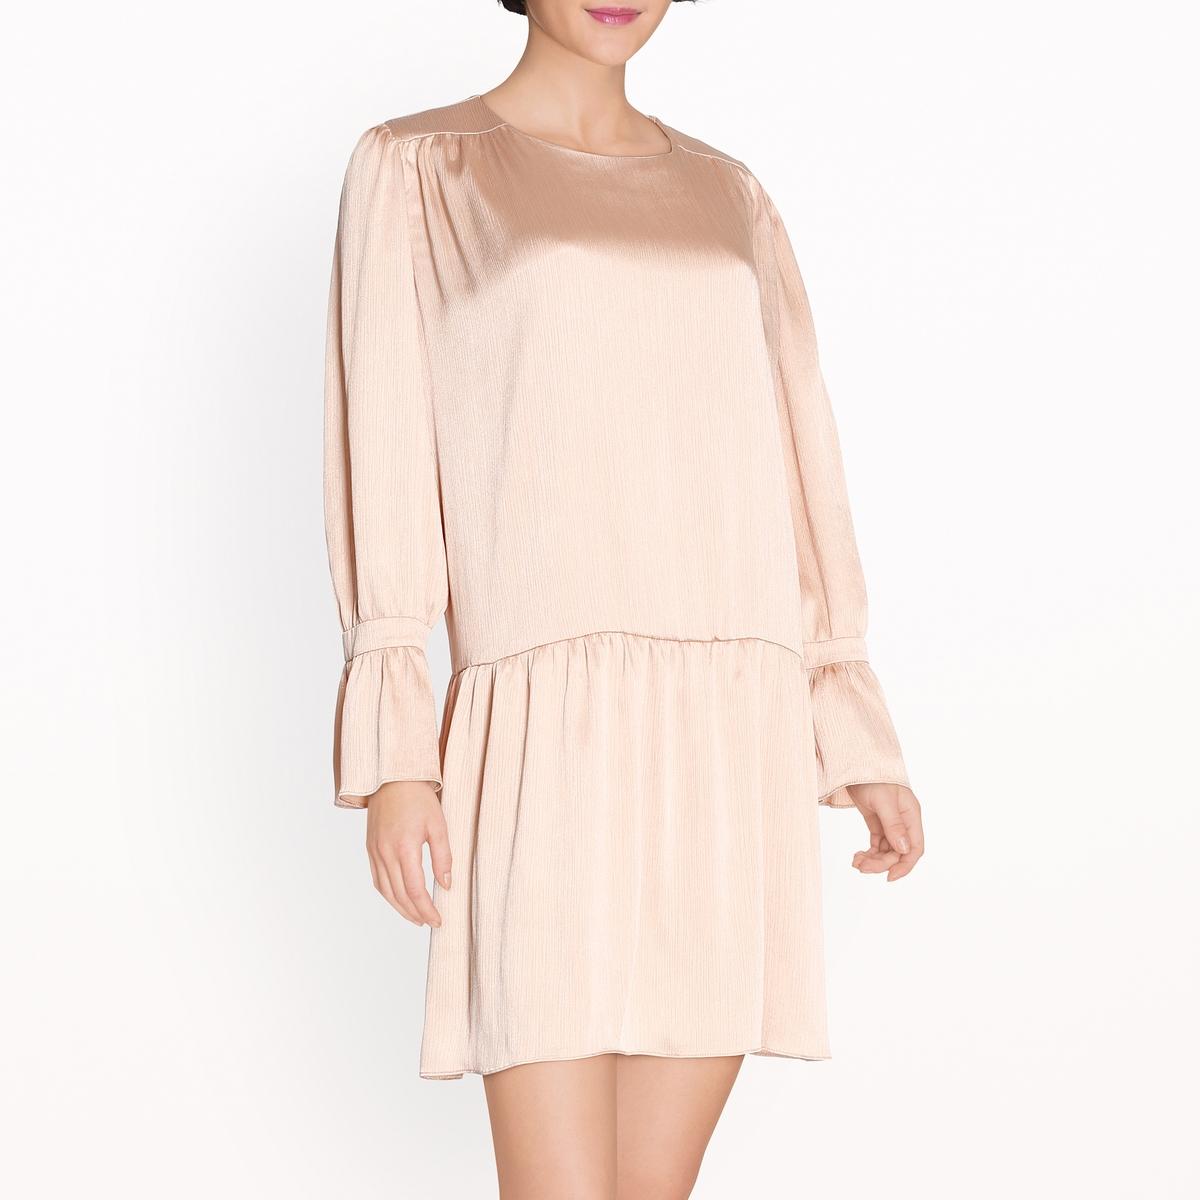 Платье объемное с воланамиСостав и описание :Основной материал  100% полиэстер Марка                     SISTER JANE<br><br>Цвет: телесный